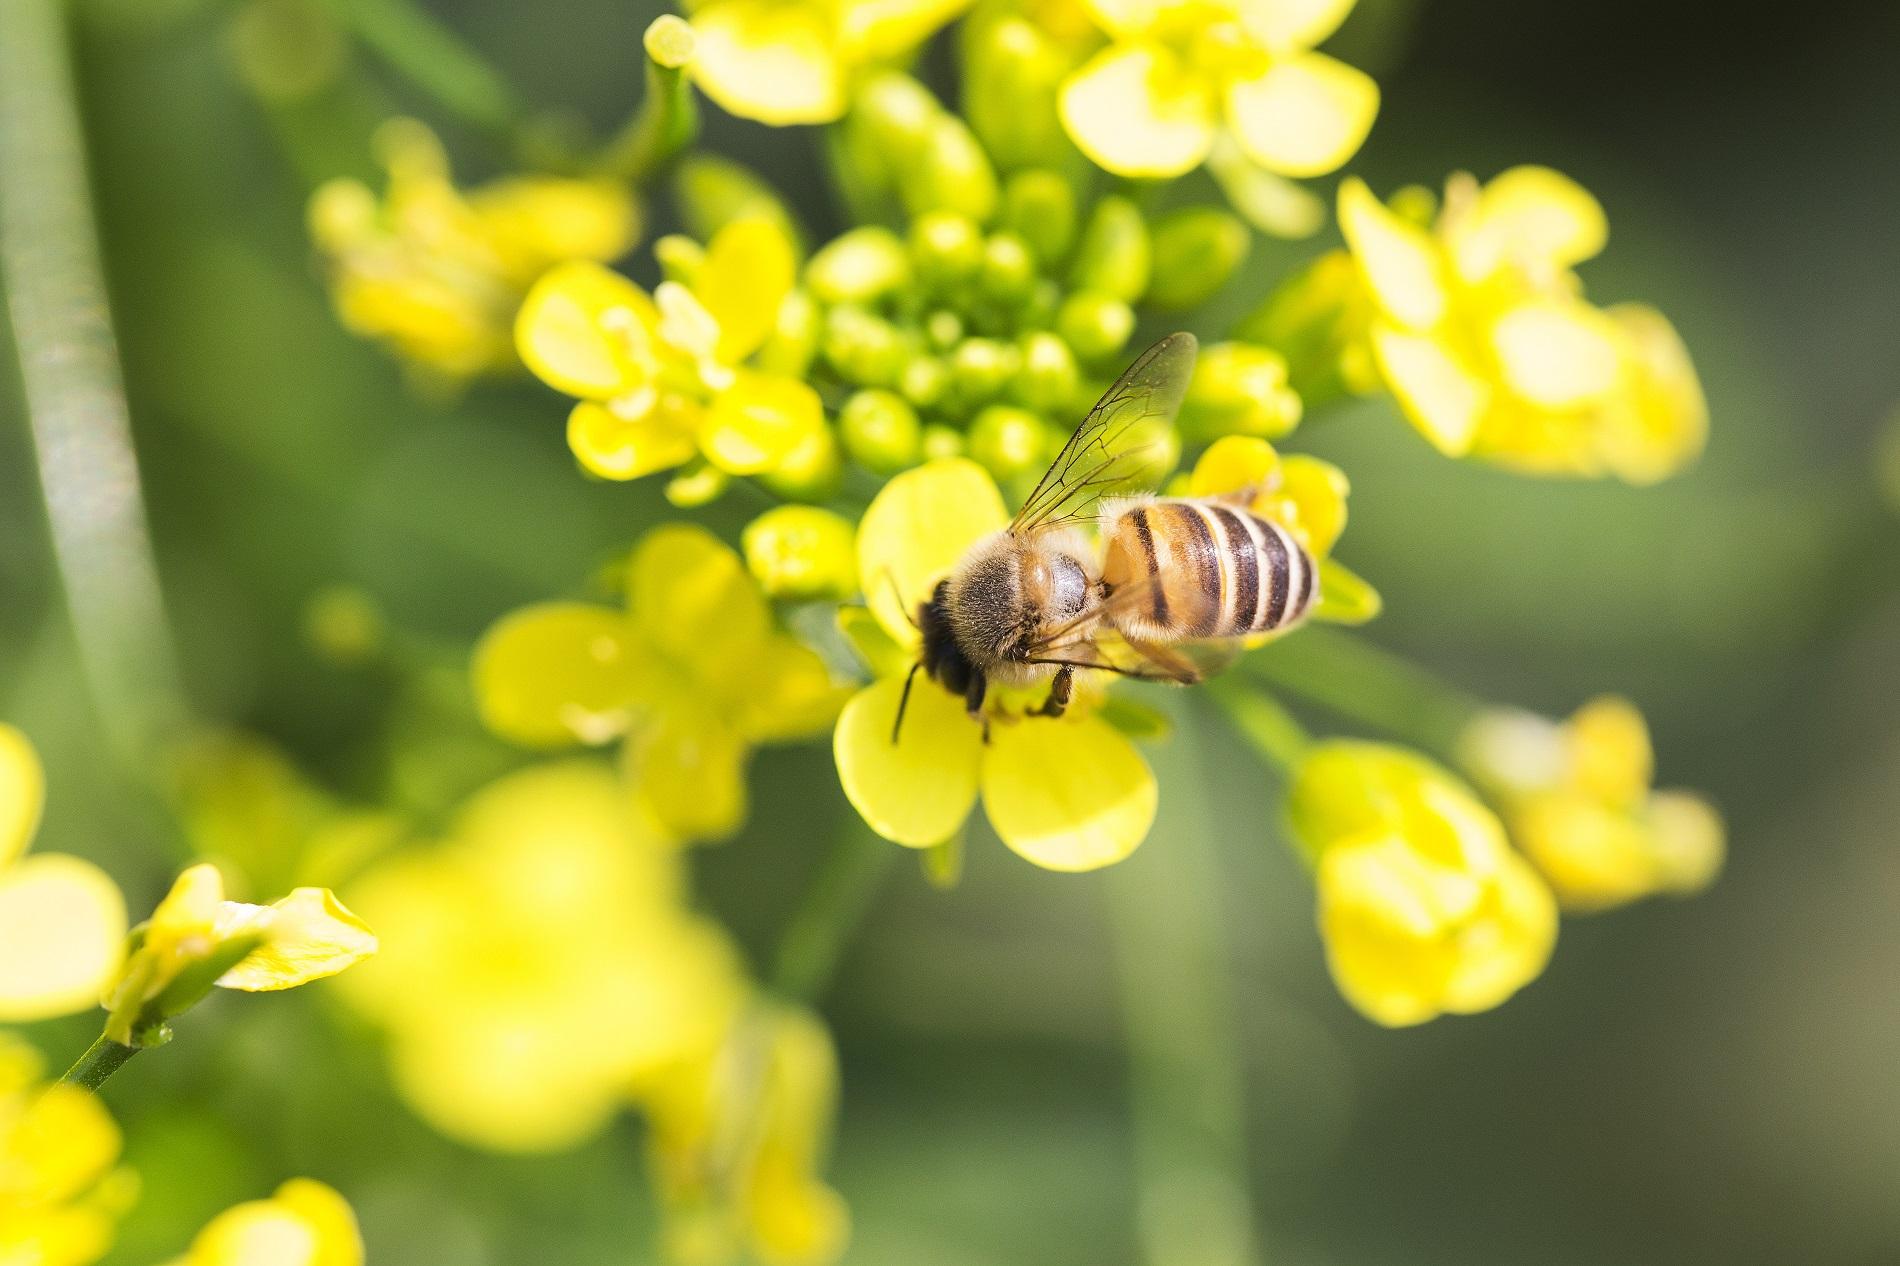 Buenas prácticas agrícolas: Medidas para favorecer la biodiversidad